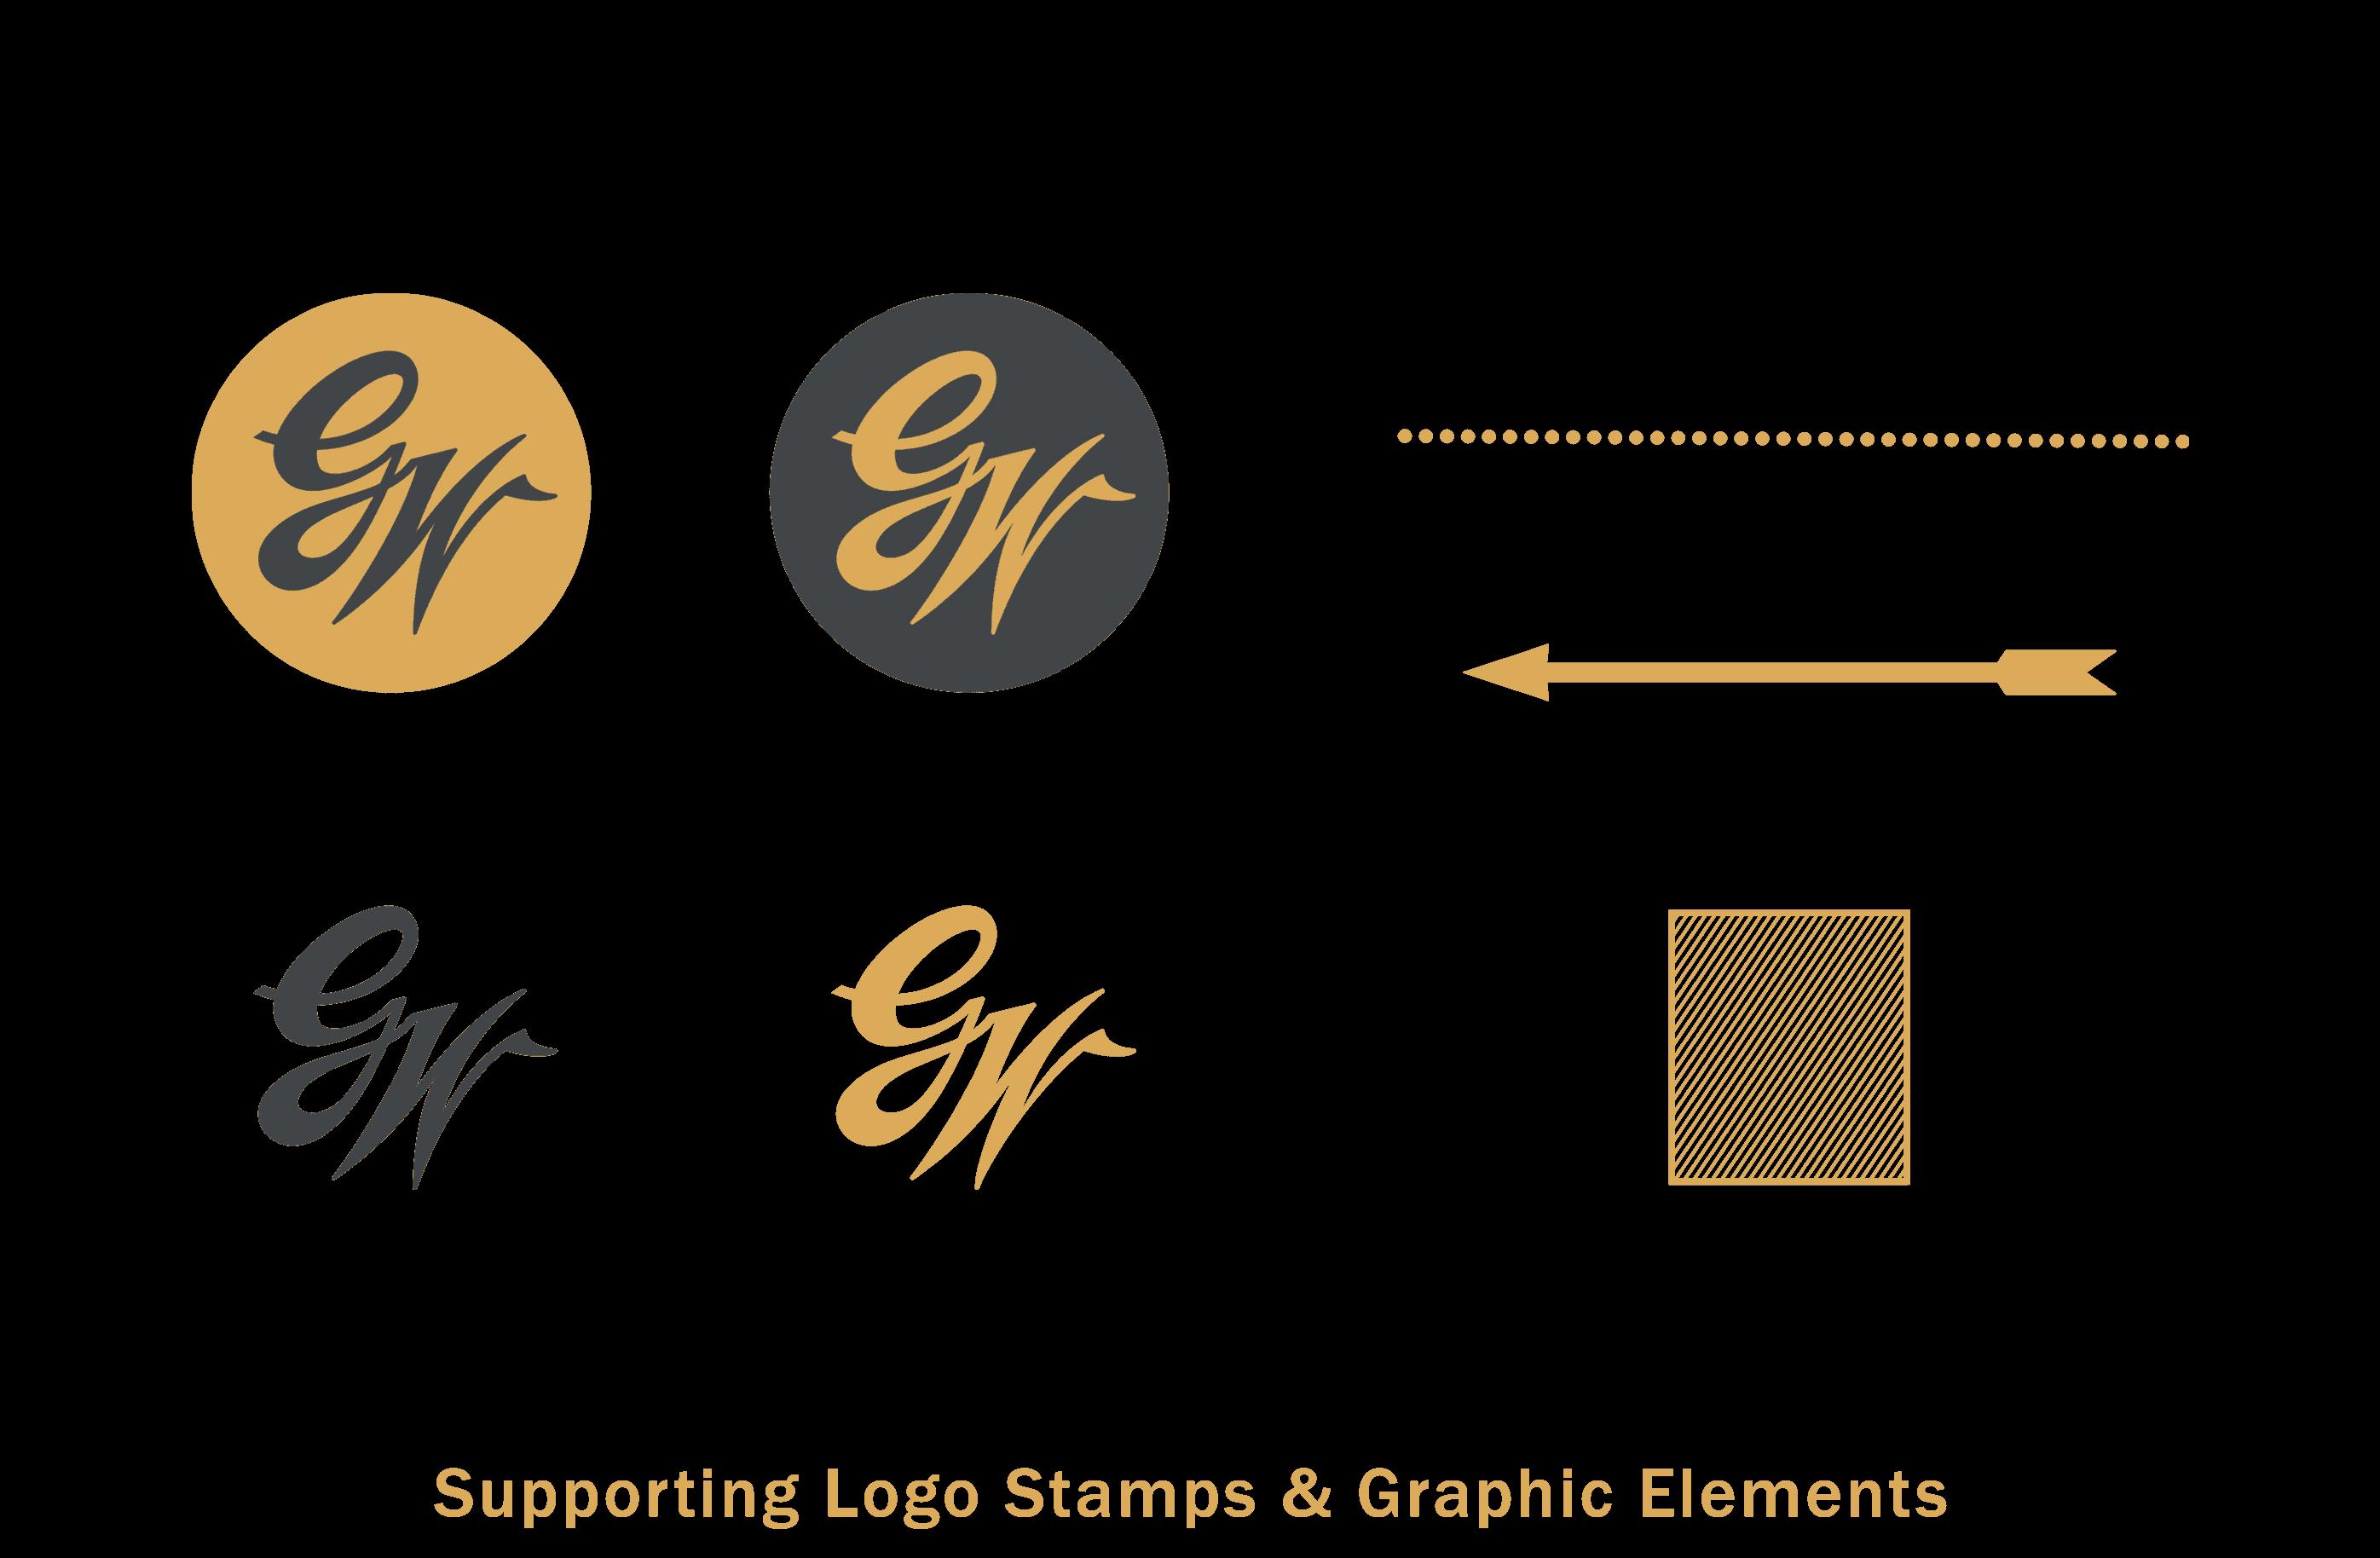 gw-graphicelements